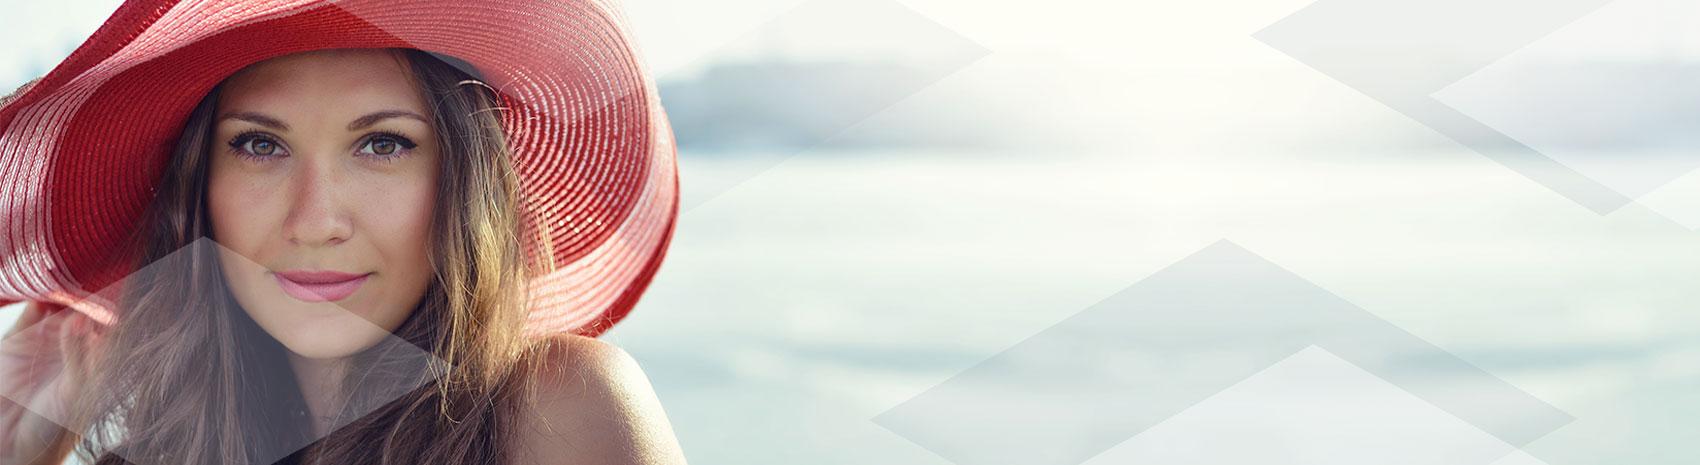 Zoom di ragazza che protegge la pelle dai raggi UV con prodotti IBSA